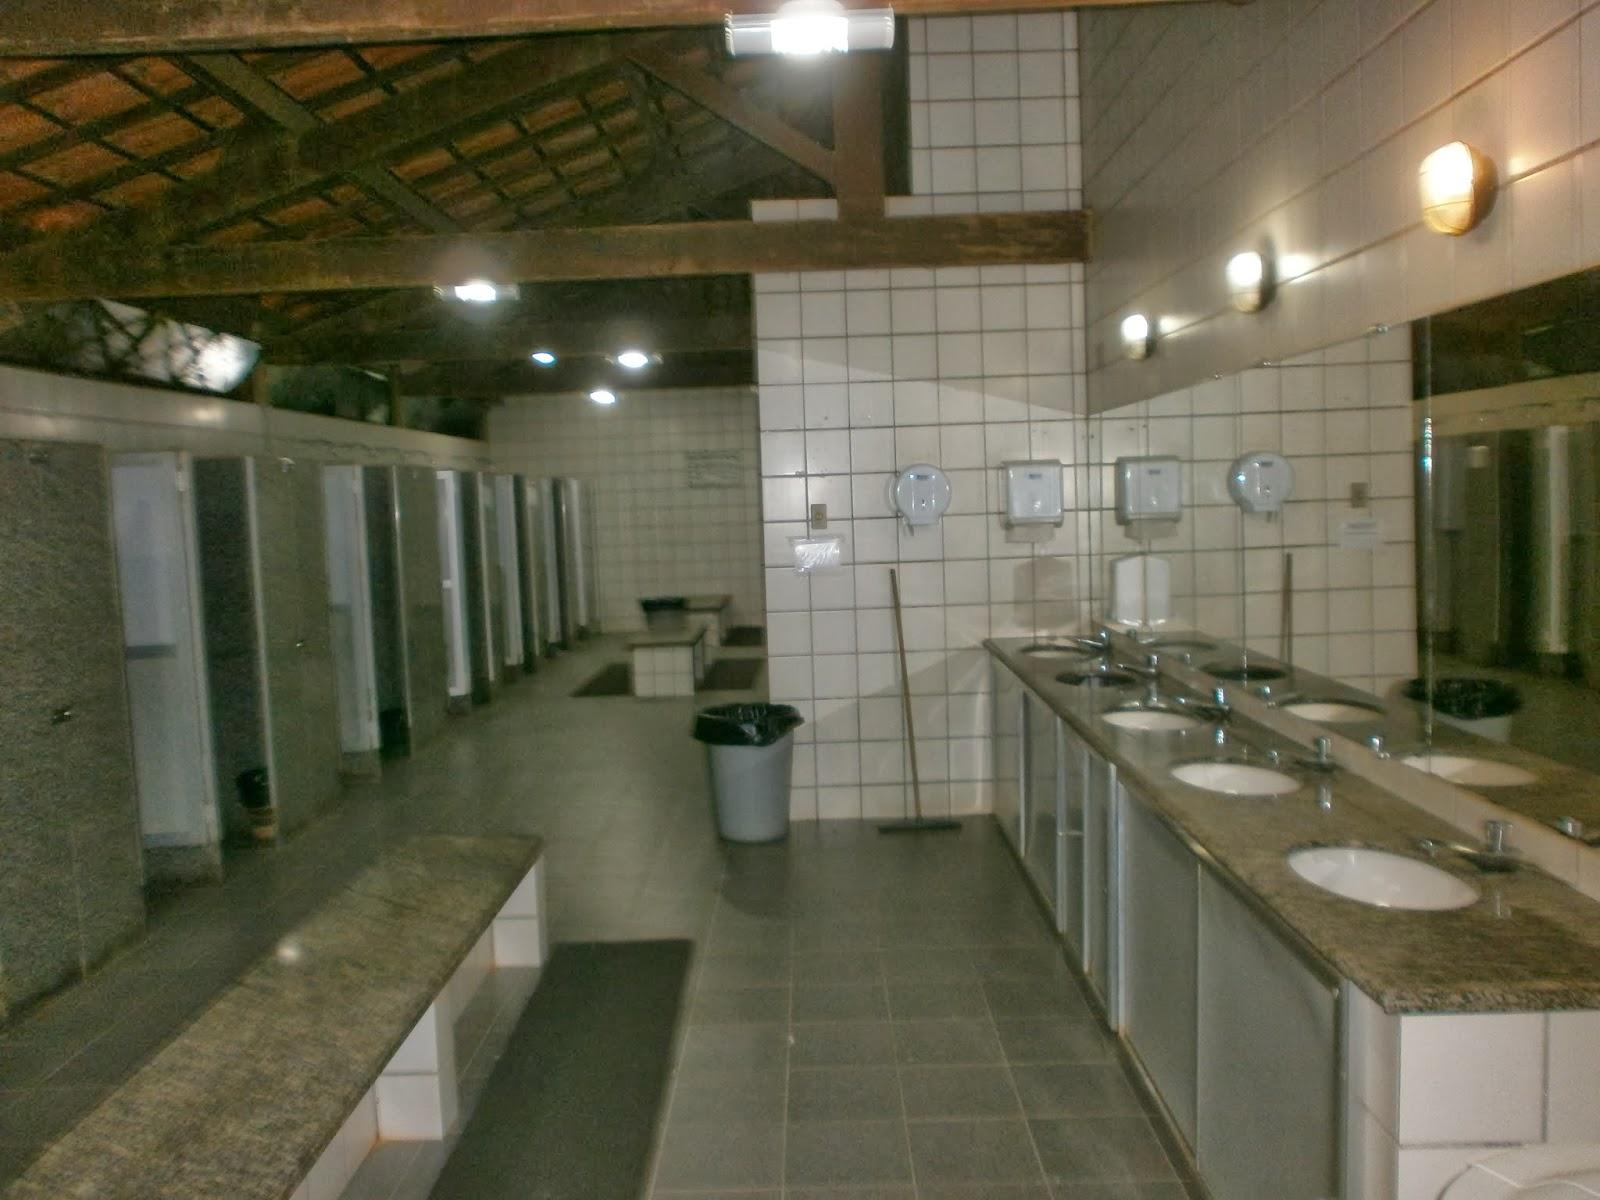 Viajando de Barraca Camping ACM Véu da Noiva  Fotos do Local -> Banheiro Feminino Outback